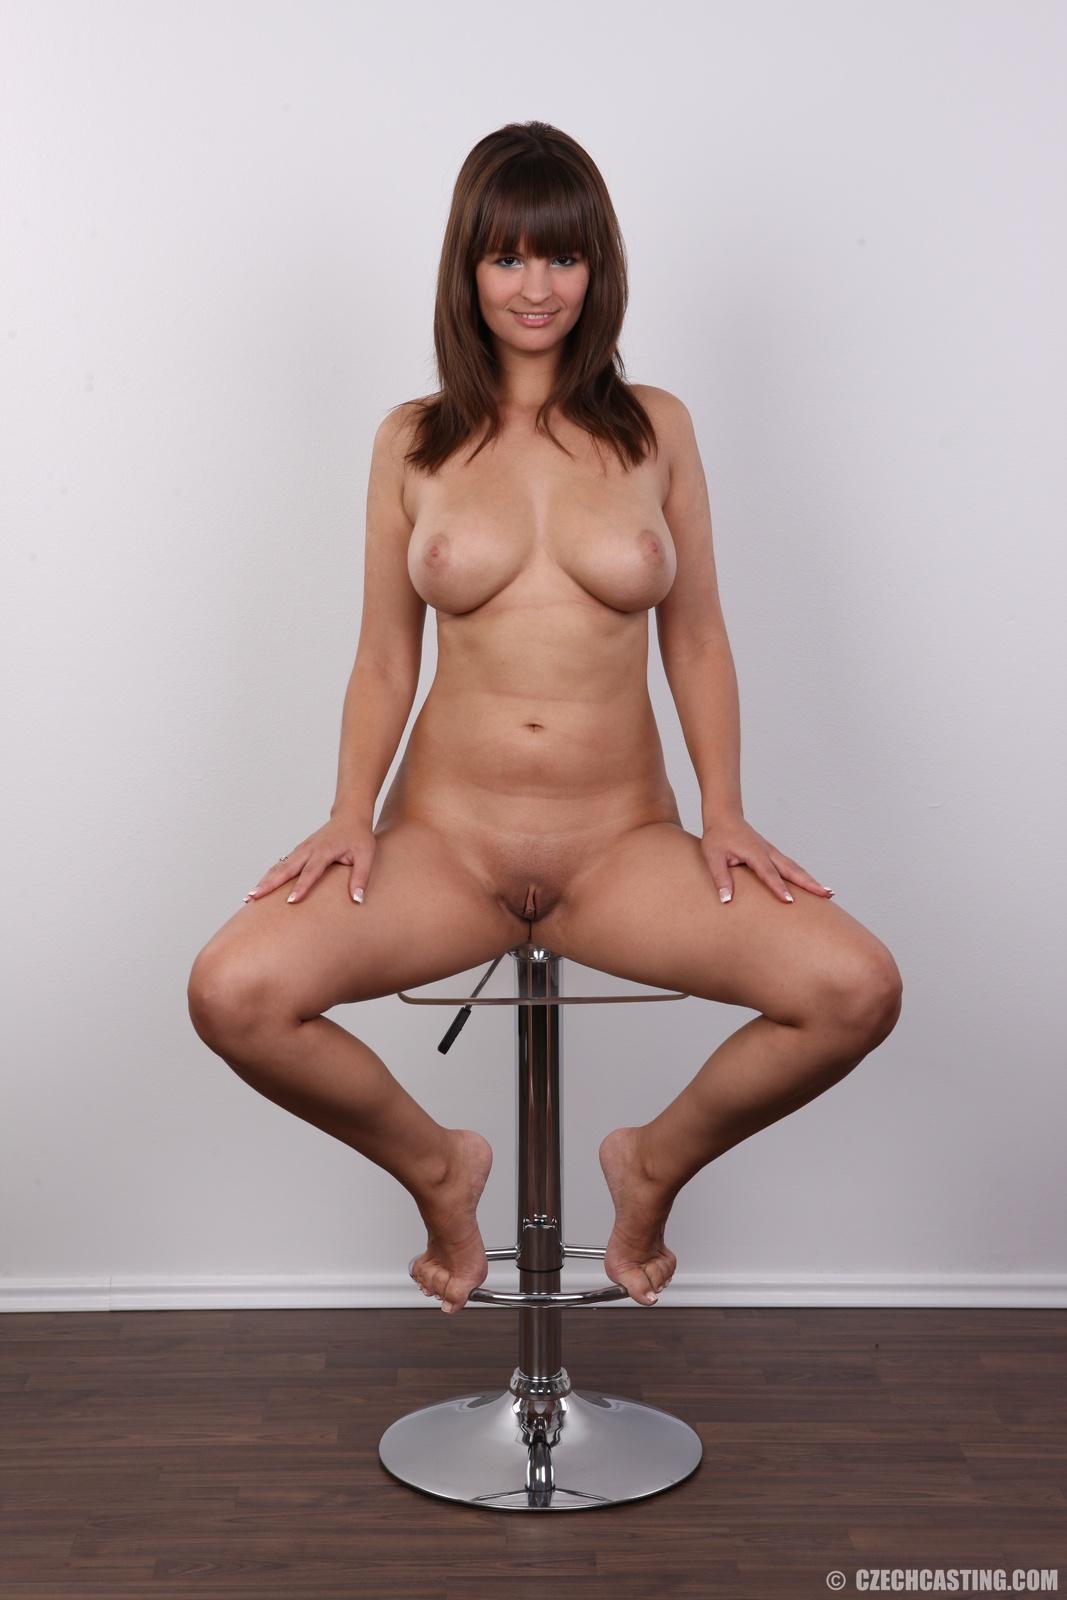 amaterky sex czech casting tereza